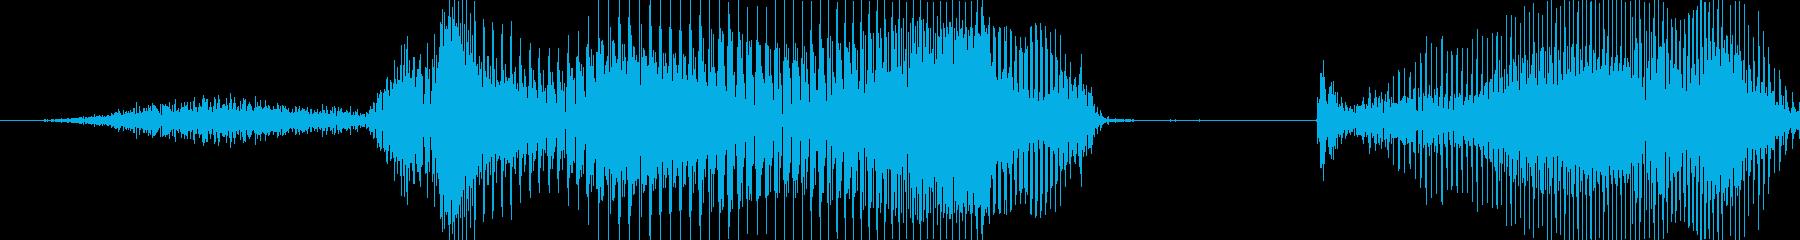 正解!の再生済みの波形